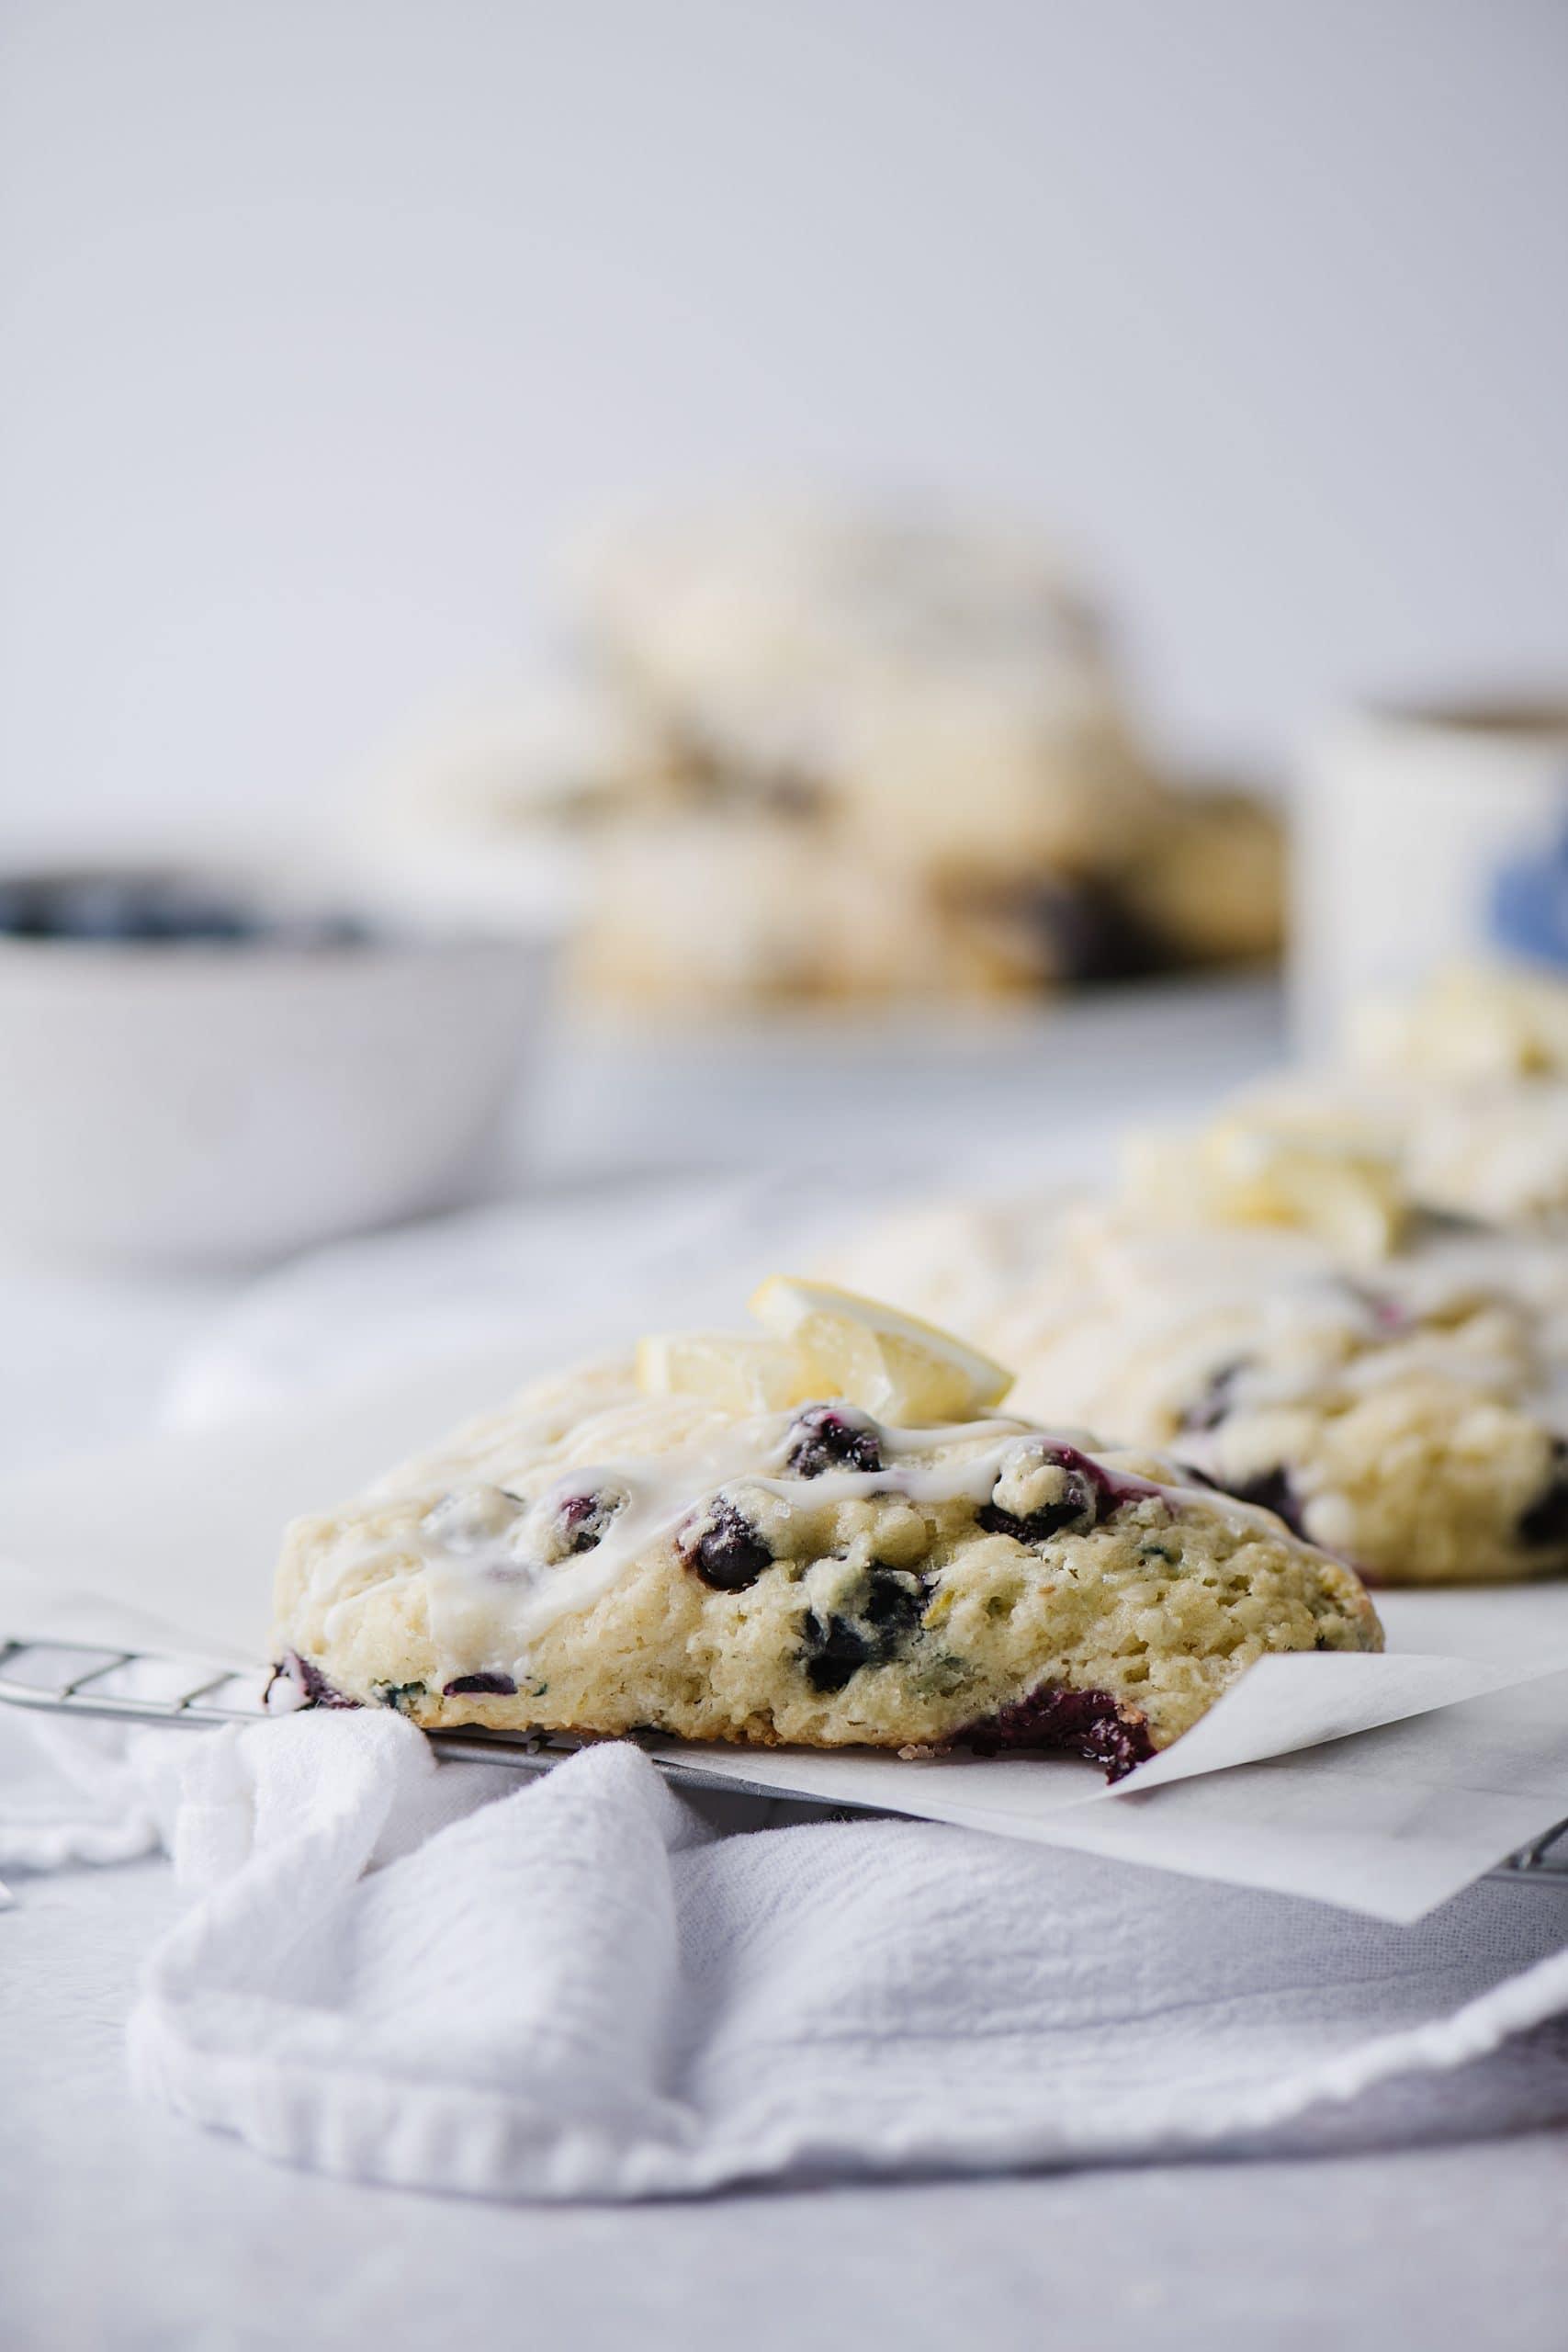 blueberry scones with lemon glaze on parchment paper